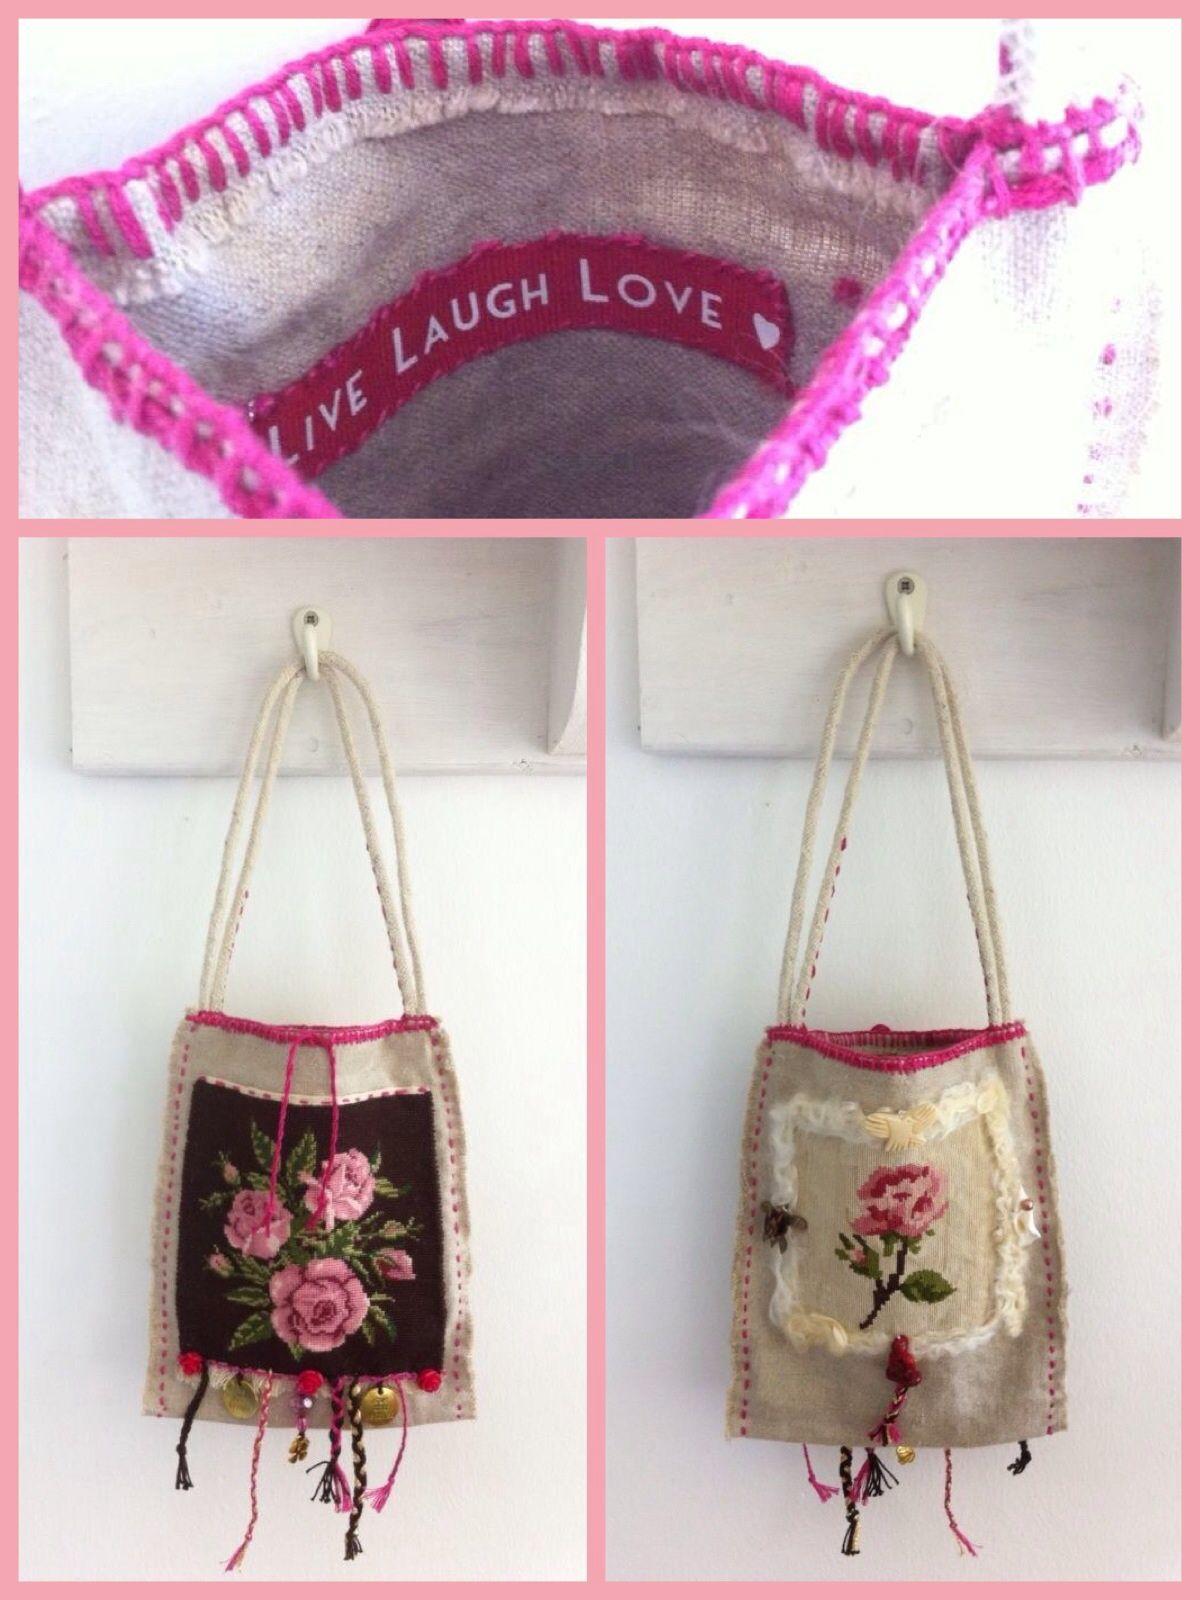 Rozentasje Gemaakt van oud linnen, antiek rozen-borduurwerk voor en achterkant Symbolen die bij de 4 windrichtingen horen. Vlechtwerk met verweven wensen. 17 x 21 cm Te koop